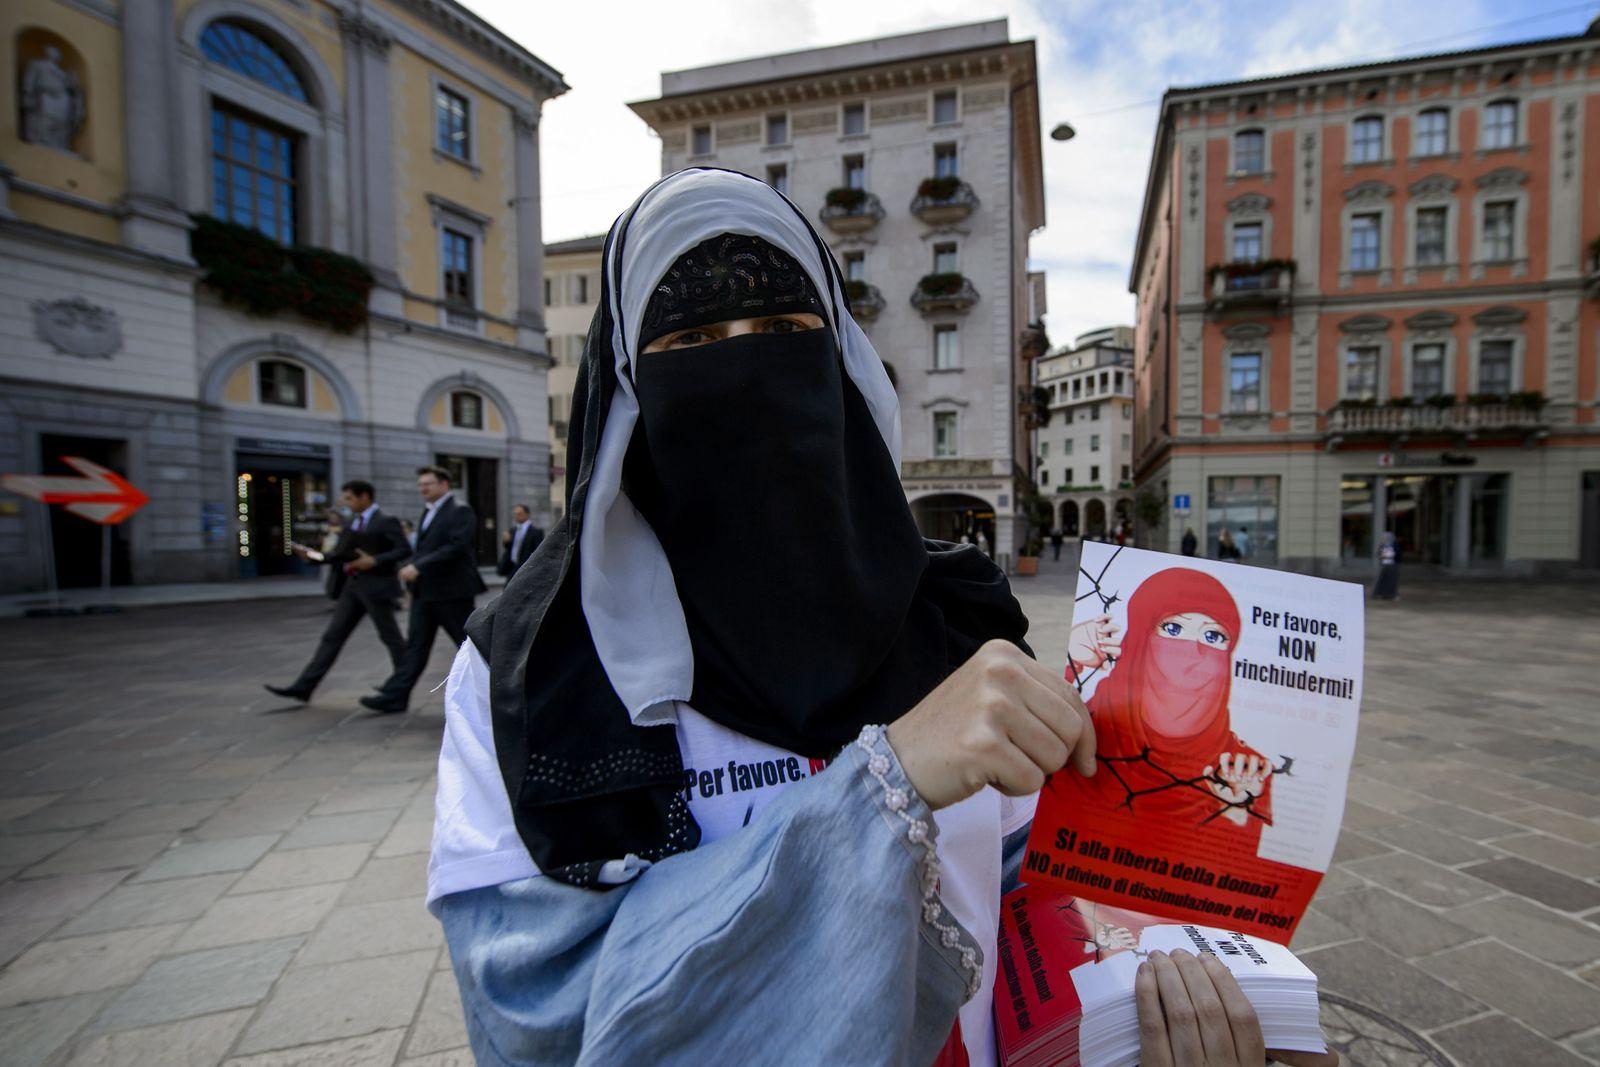 SWITZERLAND-ISLAM-VOTE